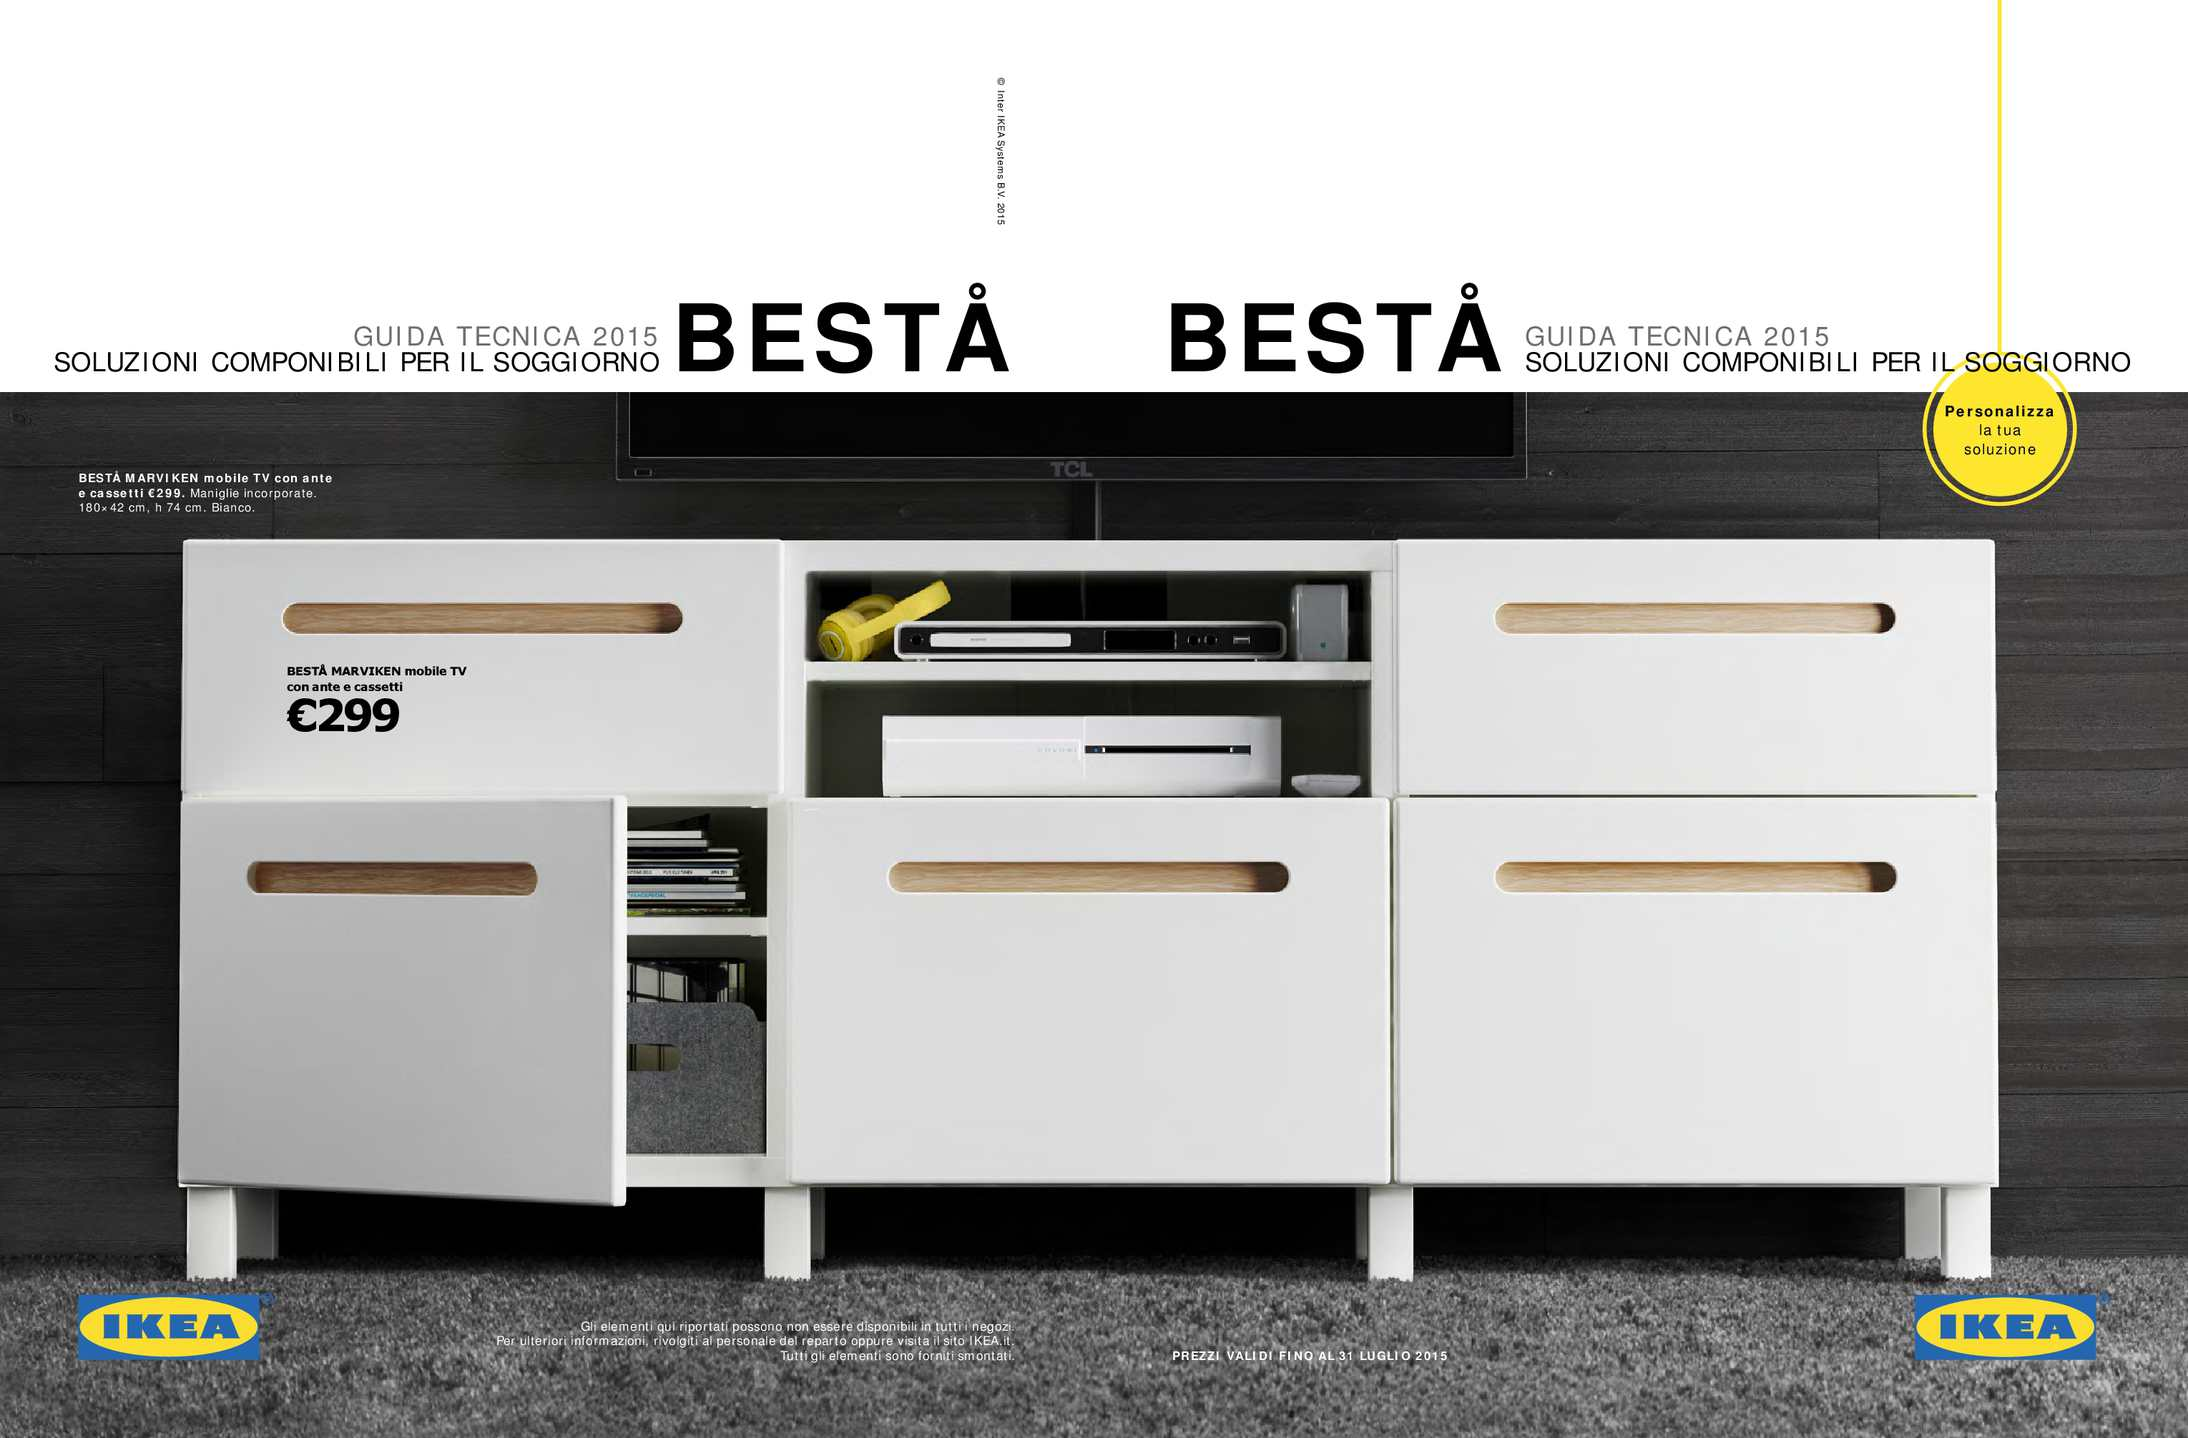 Cassetti Componibili Ikea.Calameo Ikea Guida Besta 2015